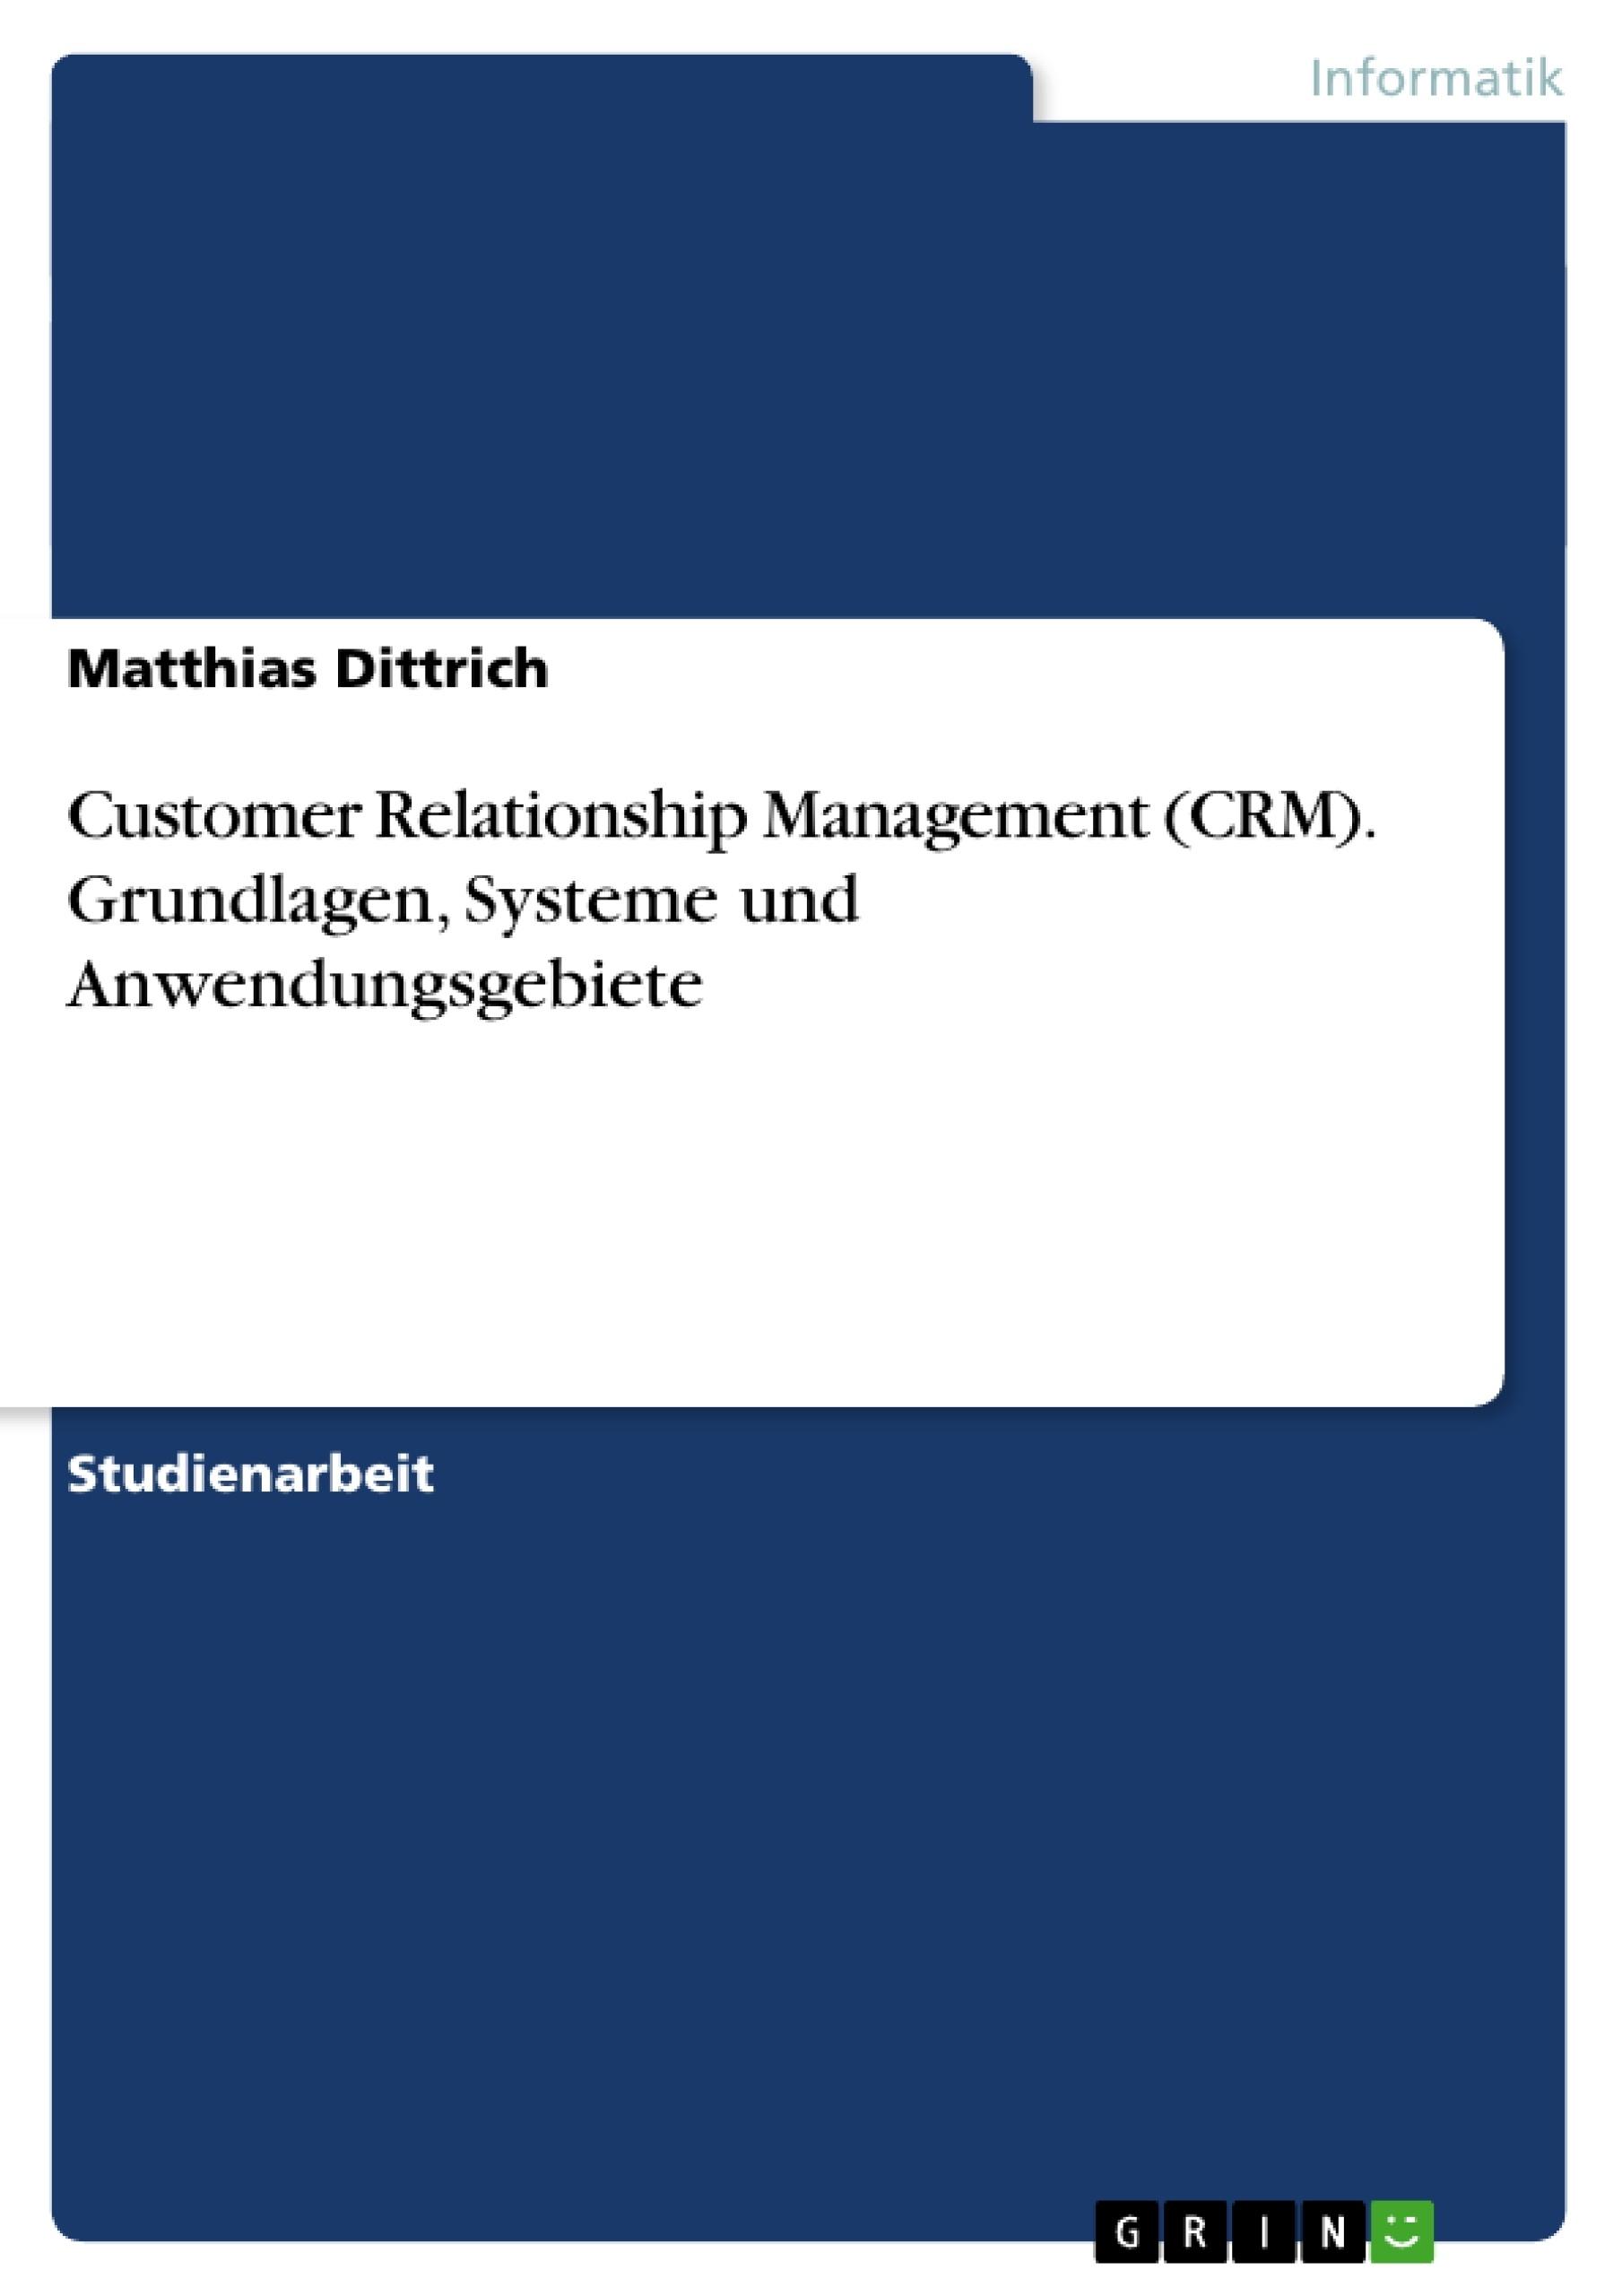 Titel: Customer Relationship Management (CRM). Grundlagen, Systeme und Anwendungsgebiete